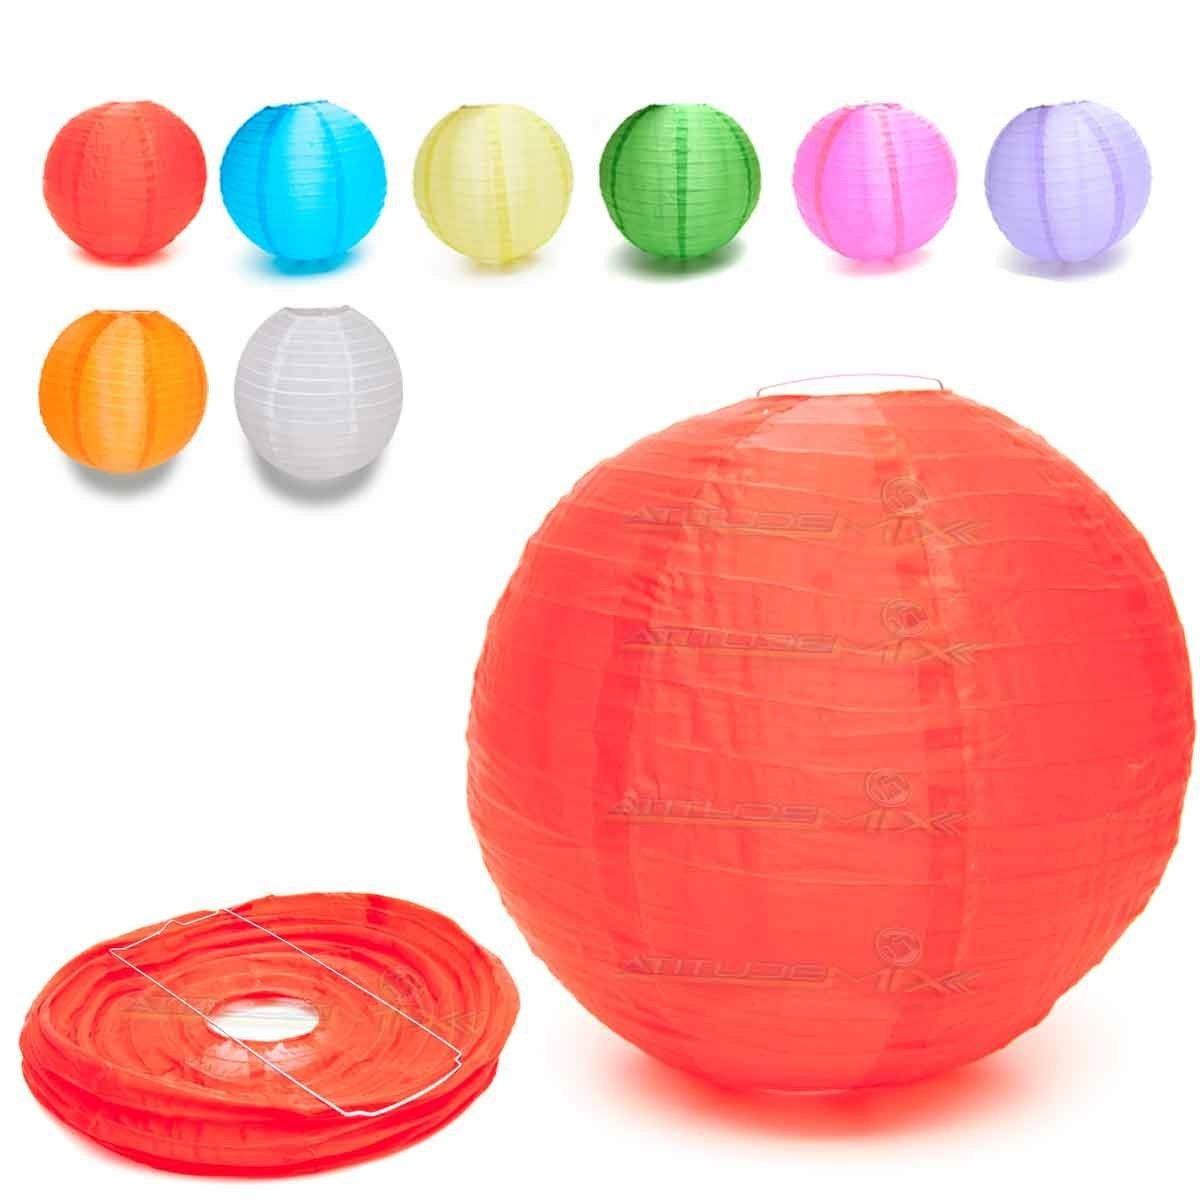 85b4425470d37 luminária japonesa chinesa papel bola cores - decoração 29cm. Carregando  zoom.